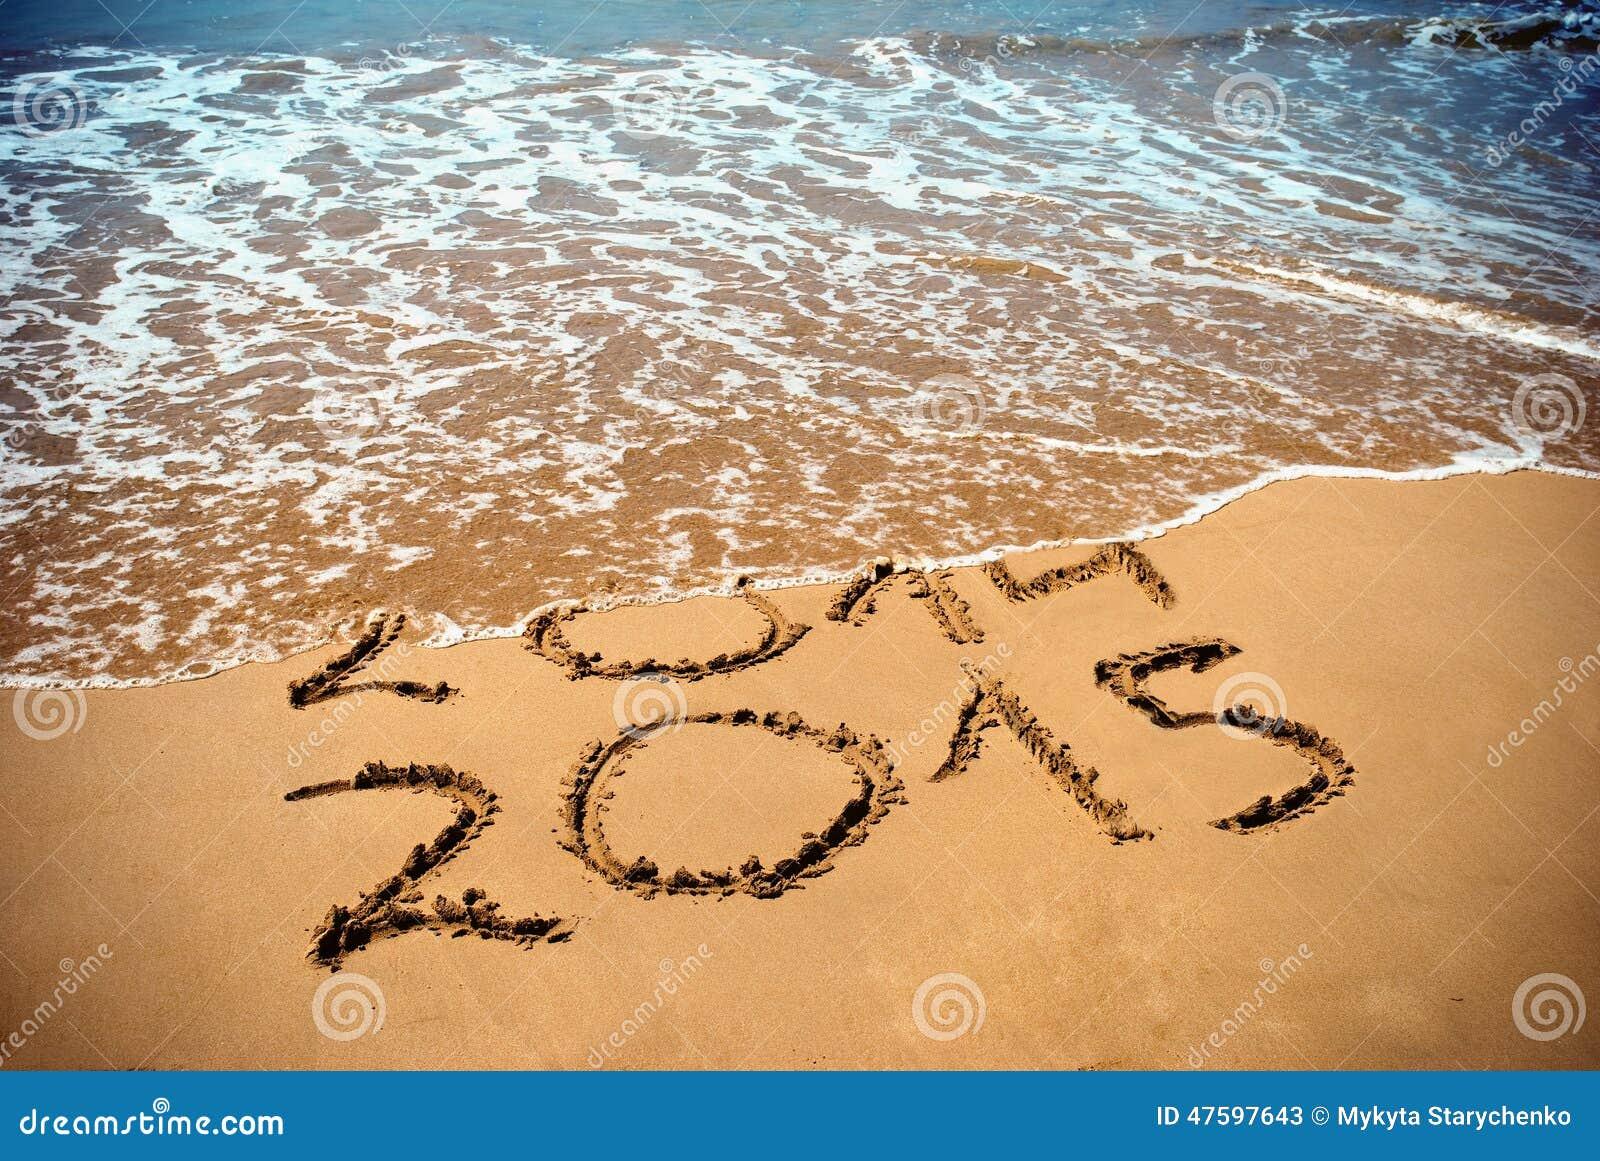 Det nya året 2015 är det kommande begreppet - inskriften 2014 och 2015 på en strandsand